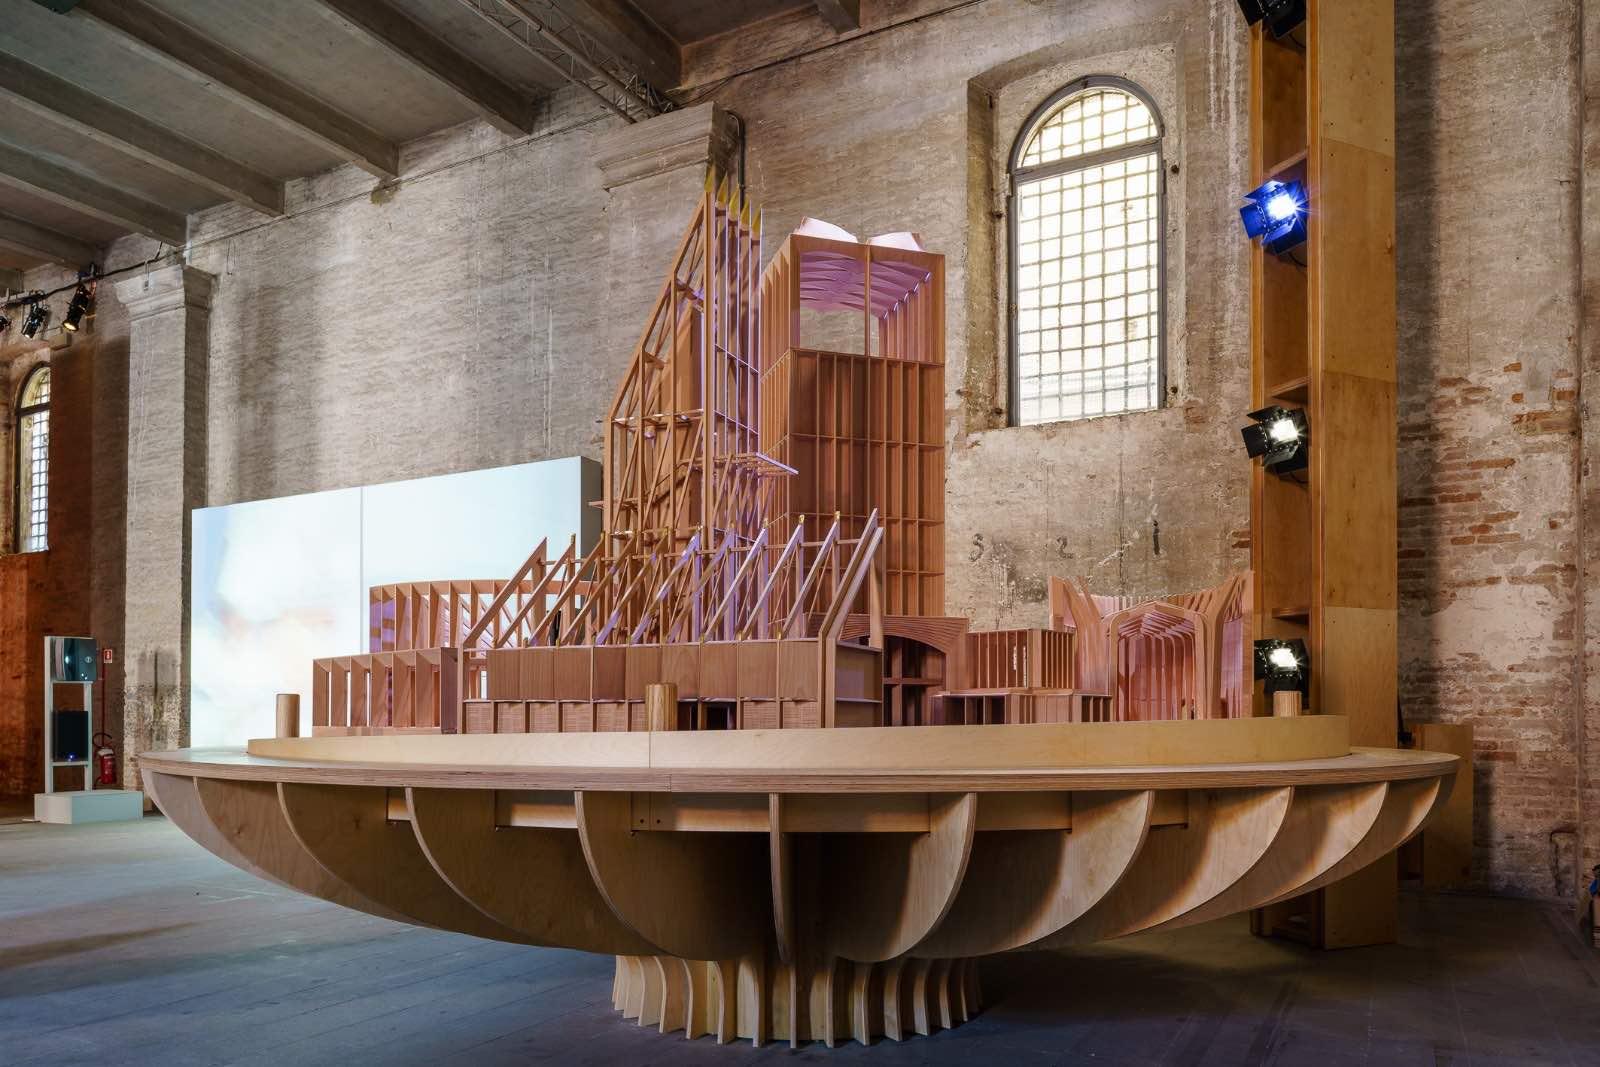 Pinterest venice architecture biennale 2018 archipanic for Biennale venezia 2018